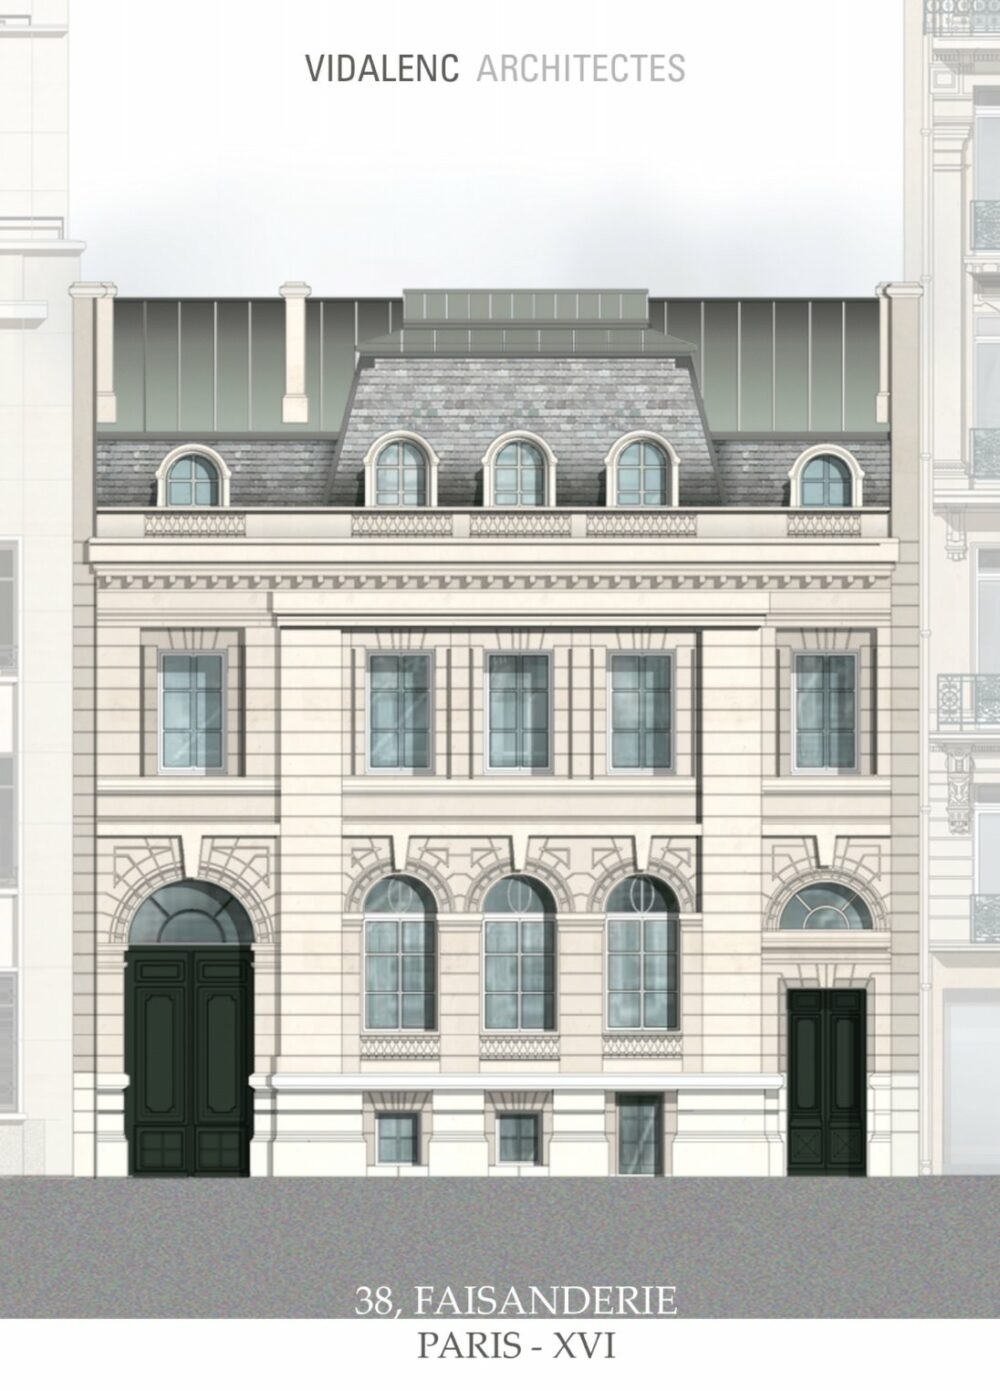 Hôtel de Nanteuil Vidalenc Architectes